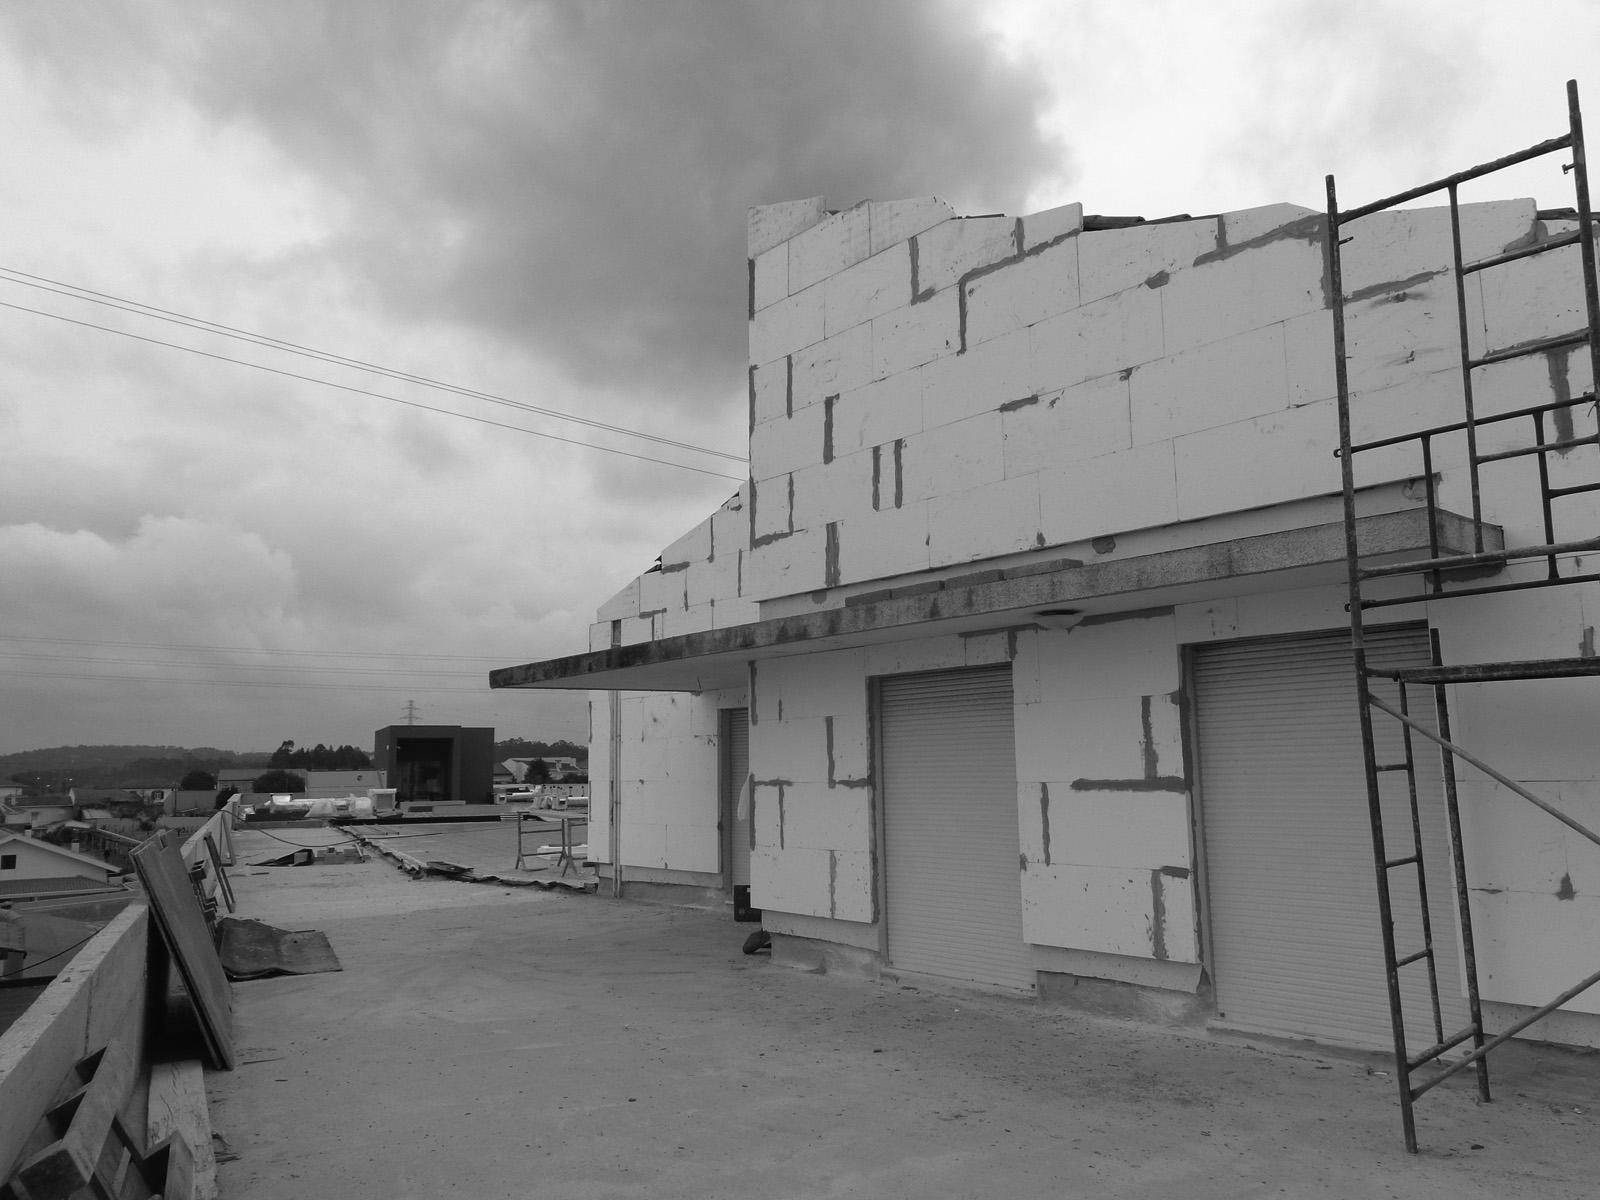 Grupo Antero Motos - Em Construção - Vila Nova de Gaia - EVA evolutionary architecture - Arquitectos Porto (44).jpg